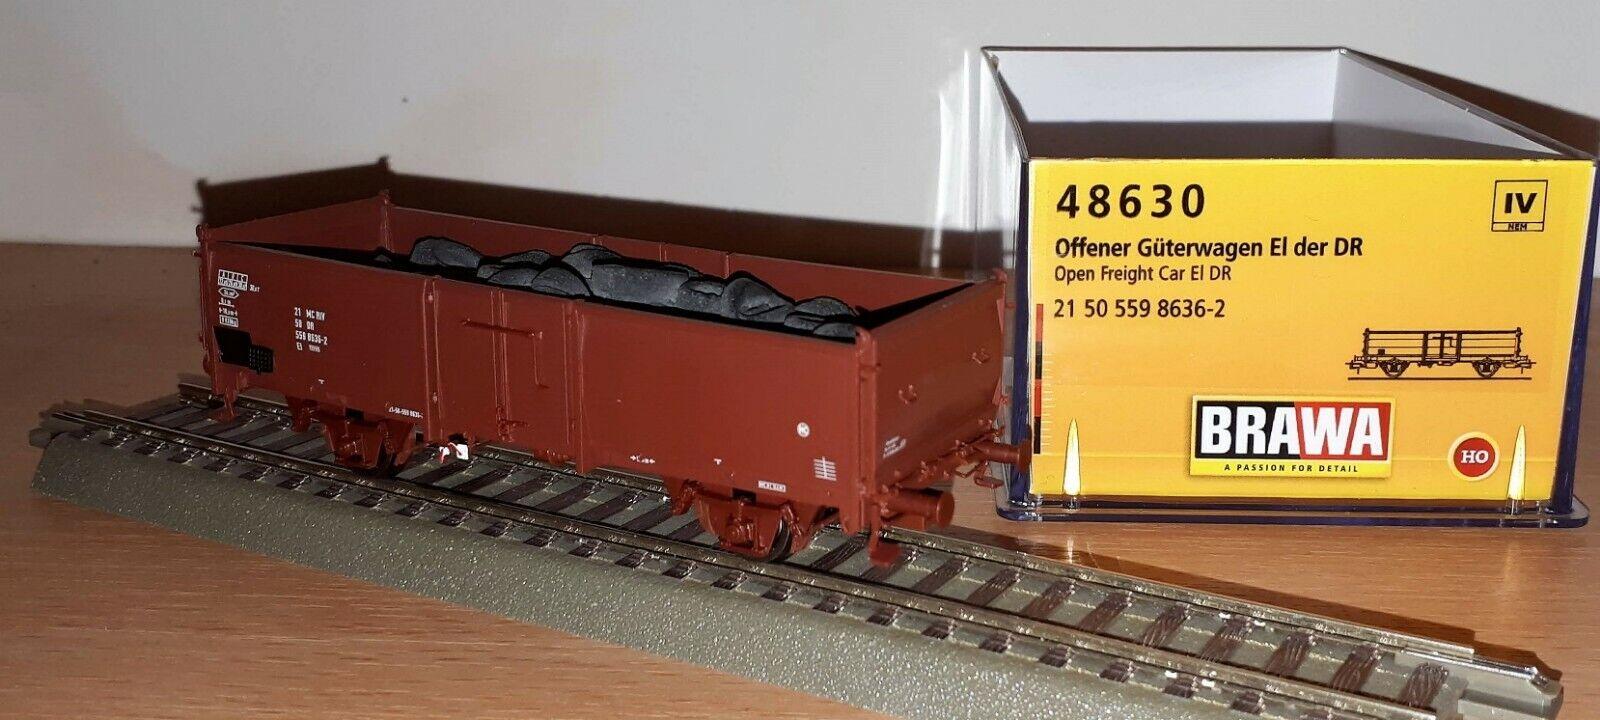 H0 offener Güterzugwagen El mit Ladegut Reifen DR Ep.IV Brawa 48630